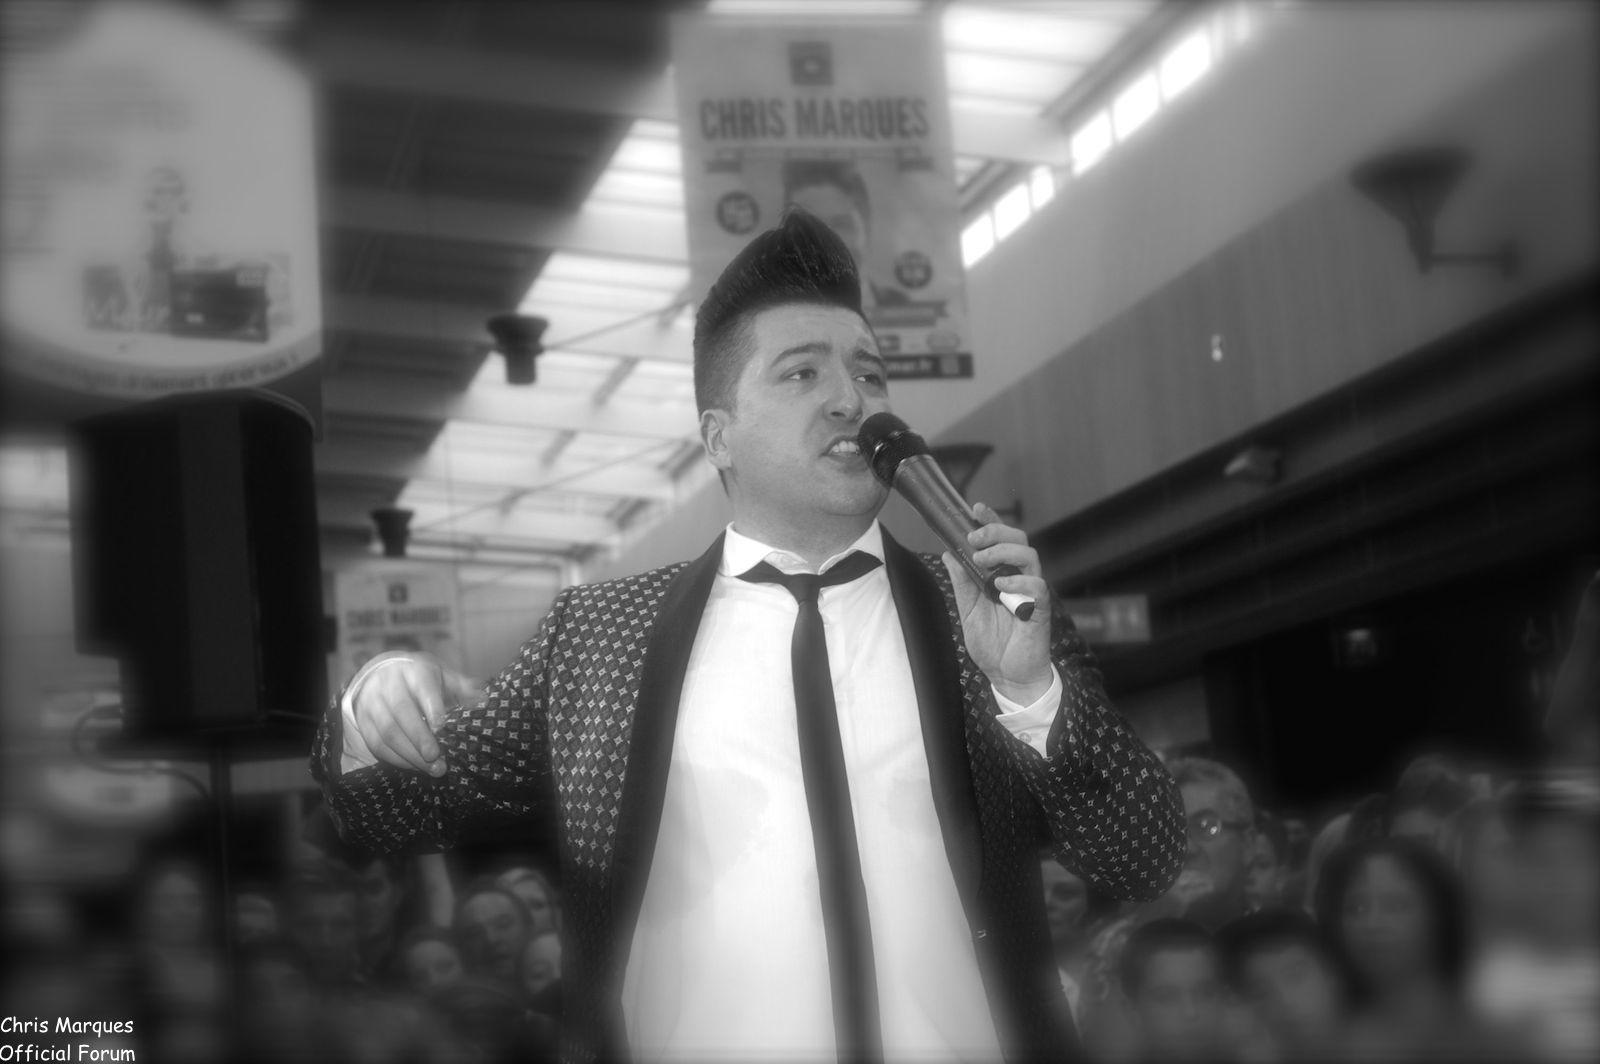 [14.06.2014] Evénement à #Colmar Chris Marques et Jaclyn Spencer pour un Flashmob/Cours de Danse/Dédicaces exceptionnels le tout organisé par la MJC de Colmar 13511